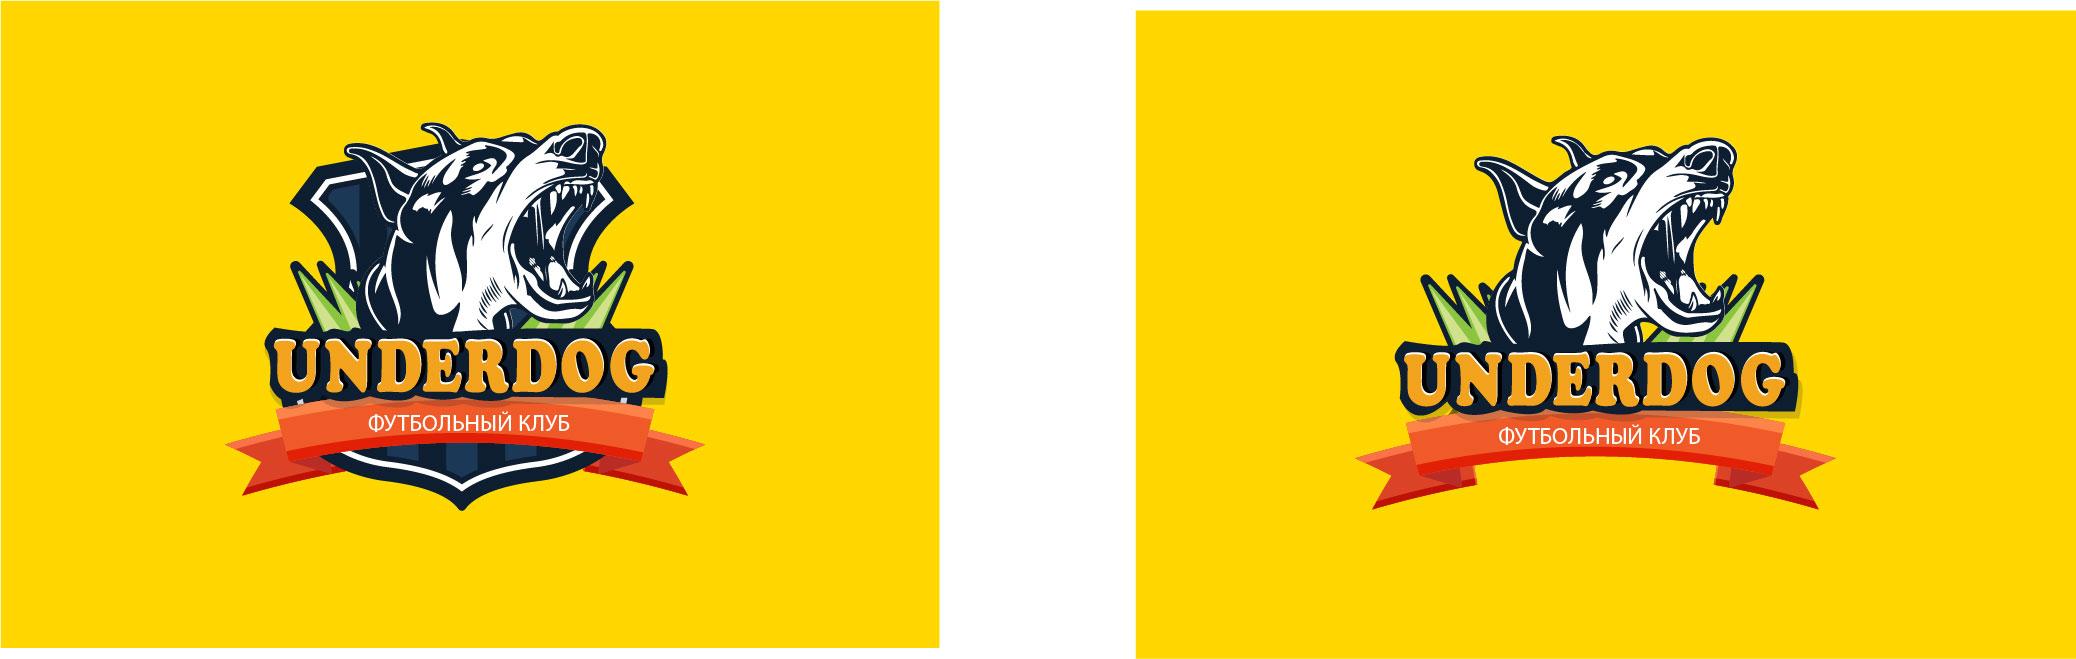 Футбольный клуб UNDERDOG - разработать фирстиль и бренд-бук фото f_0915caf3f767c928.jpg